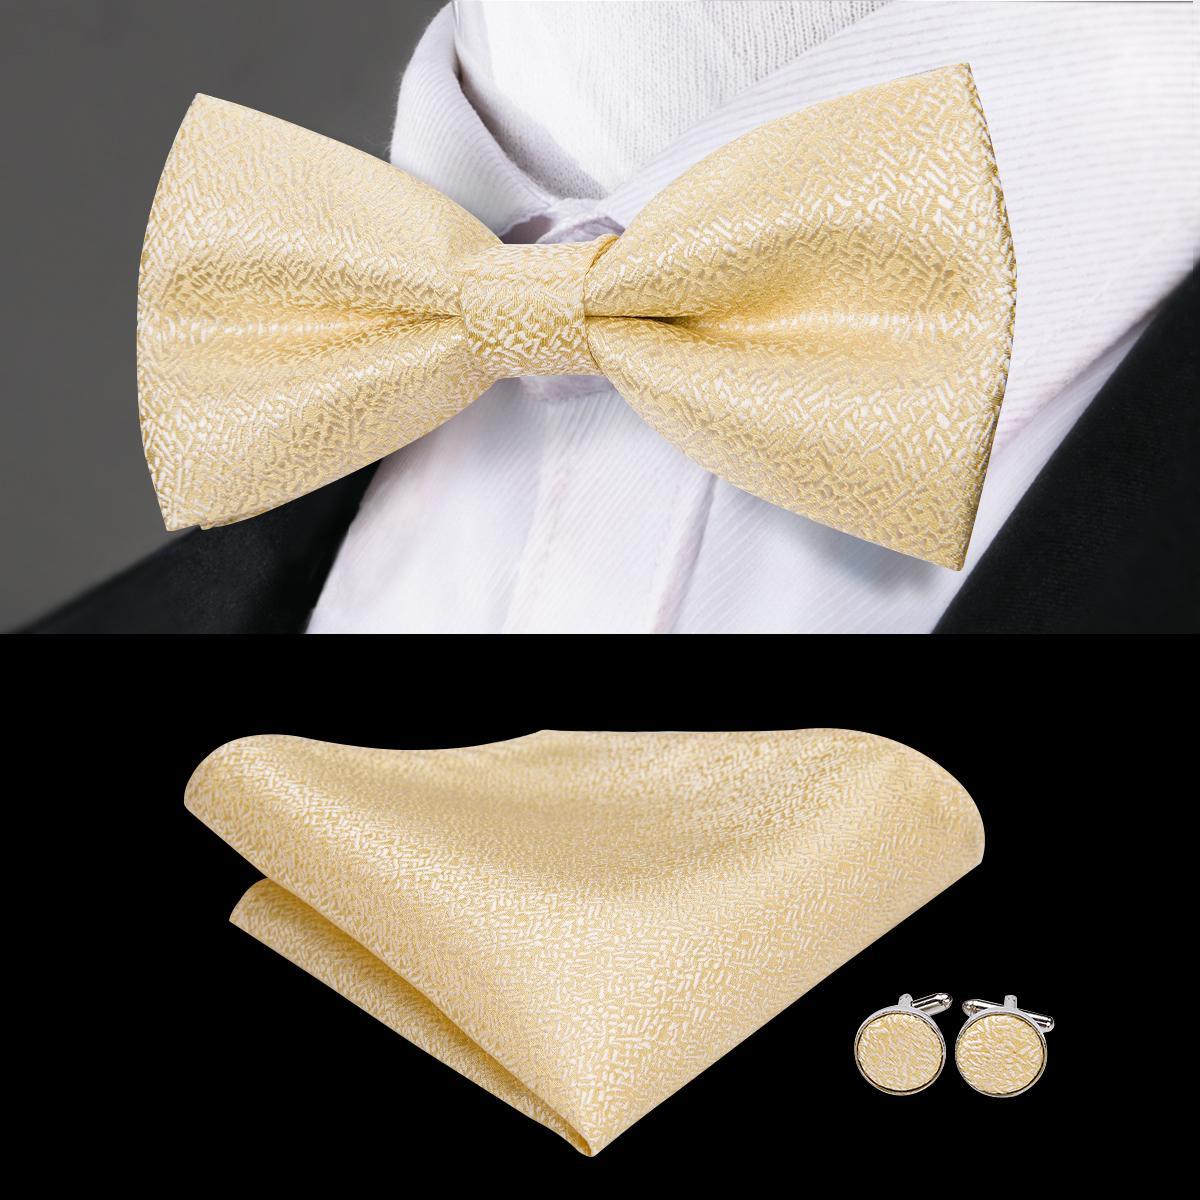 Brand Designer Gold Fashion Men's Bow Tie High Quality Silk Hand Woven Weddding Bowtie Handky Cufflinks Bowties LH-771